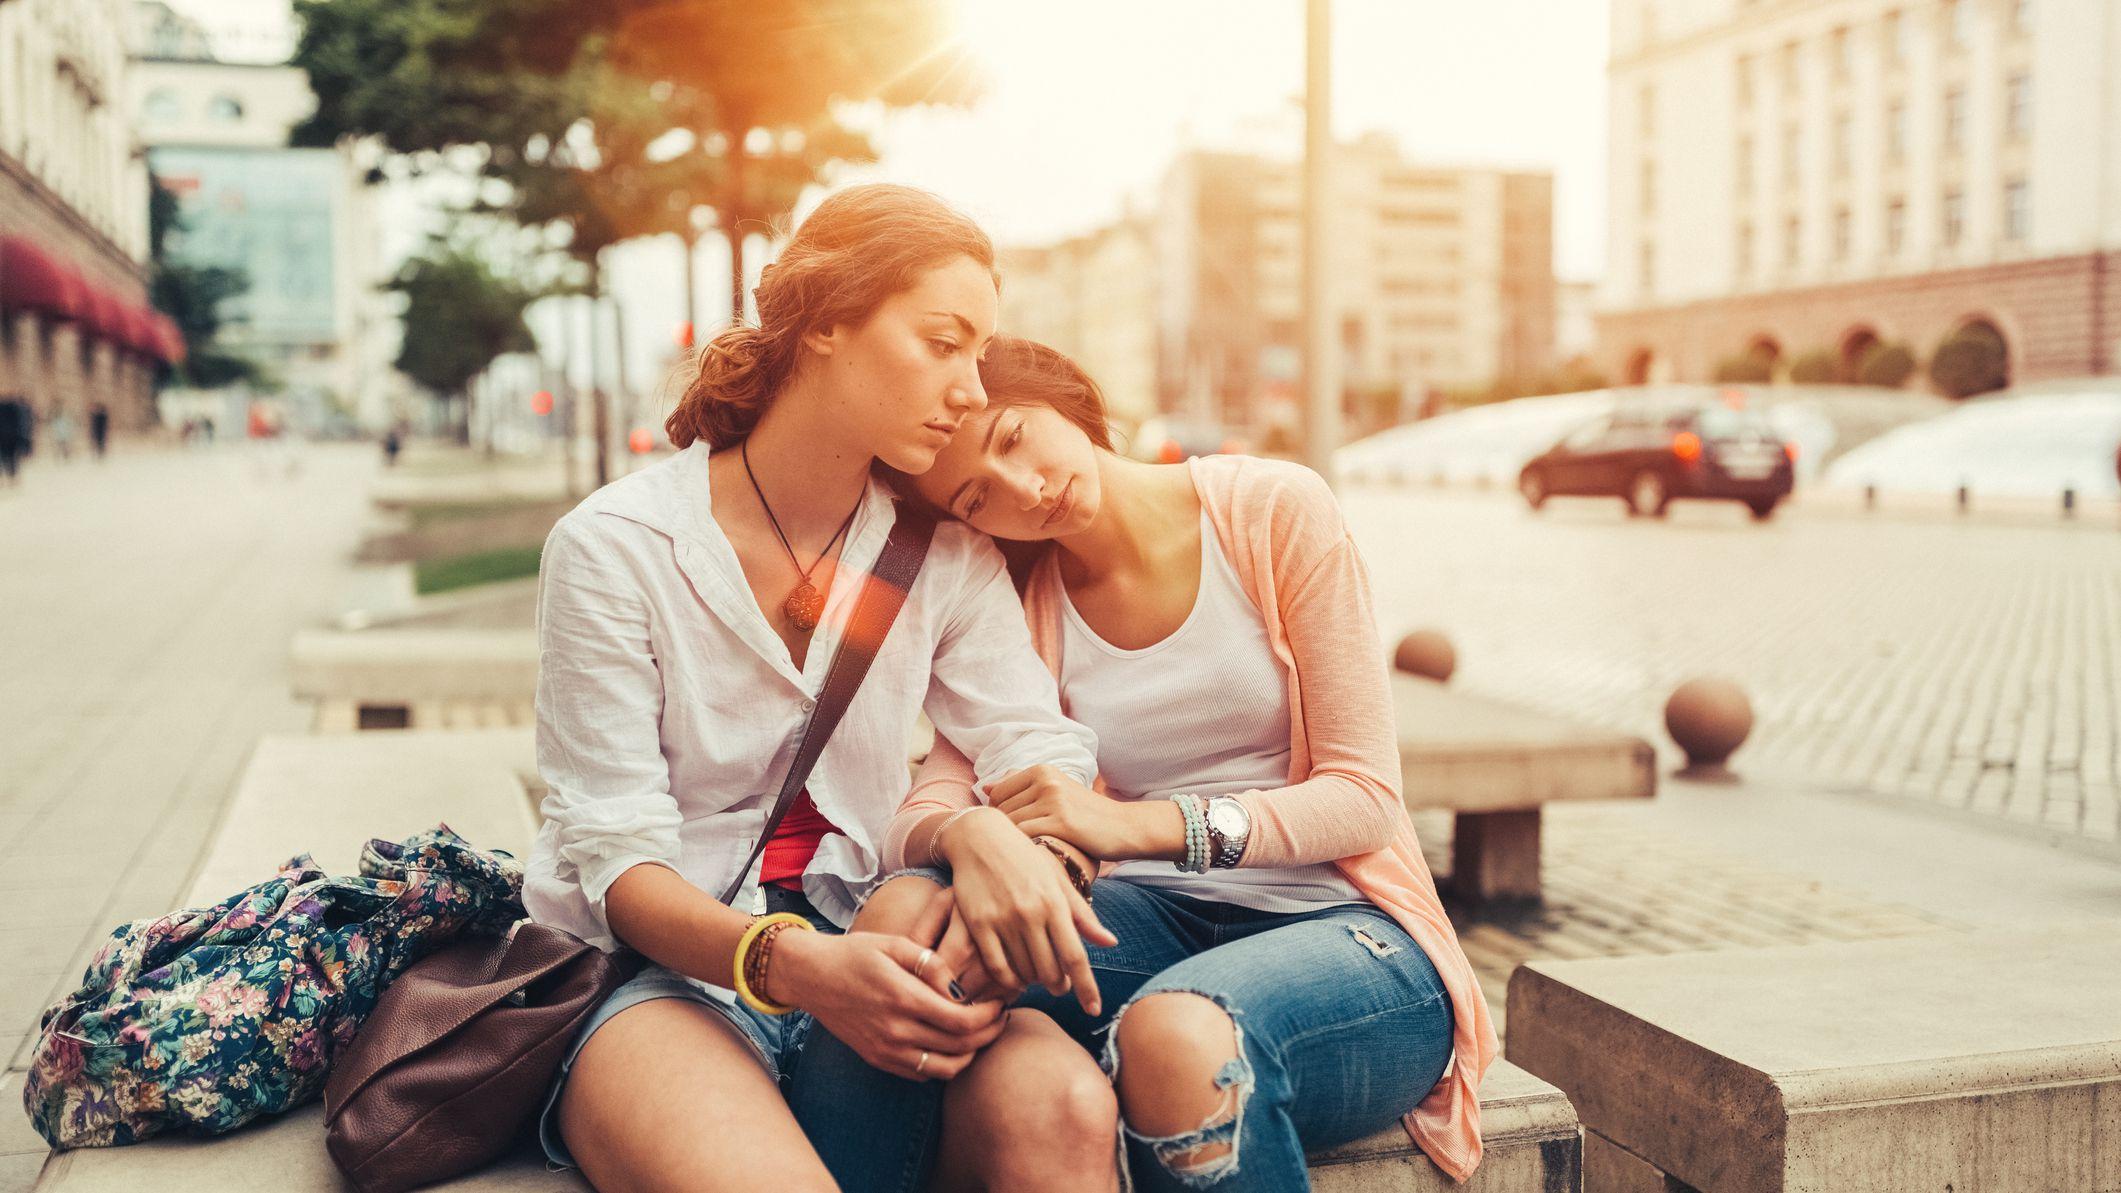 dating en deprimeret person download lagu ost marriage ikke dating staf band